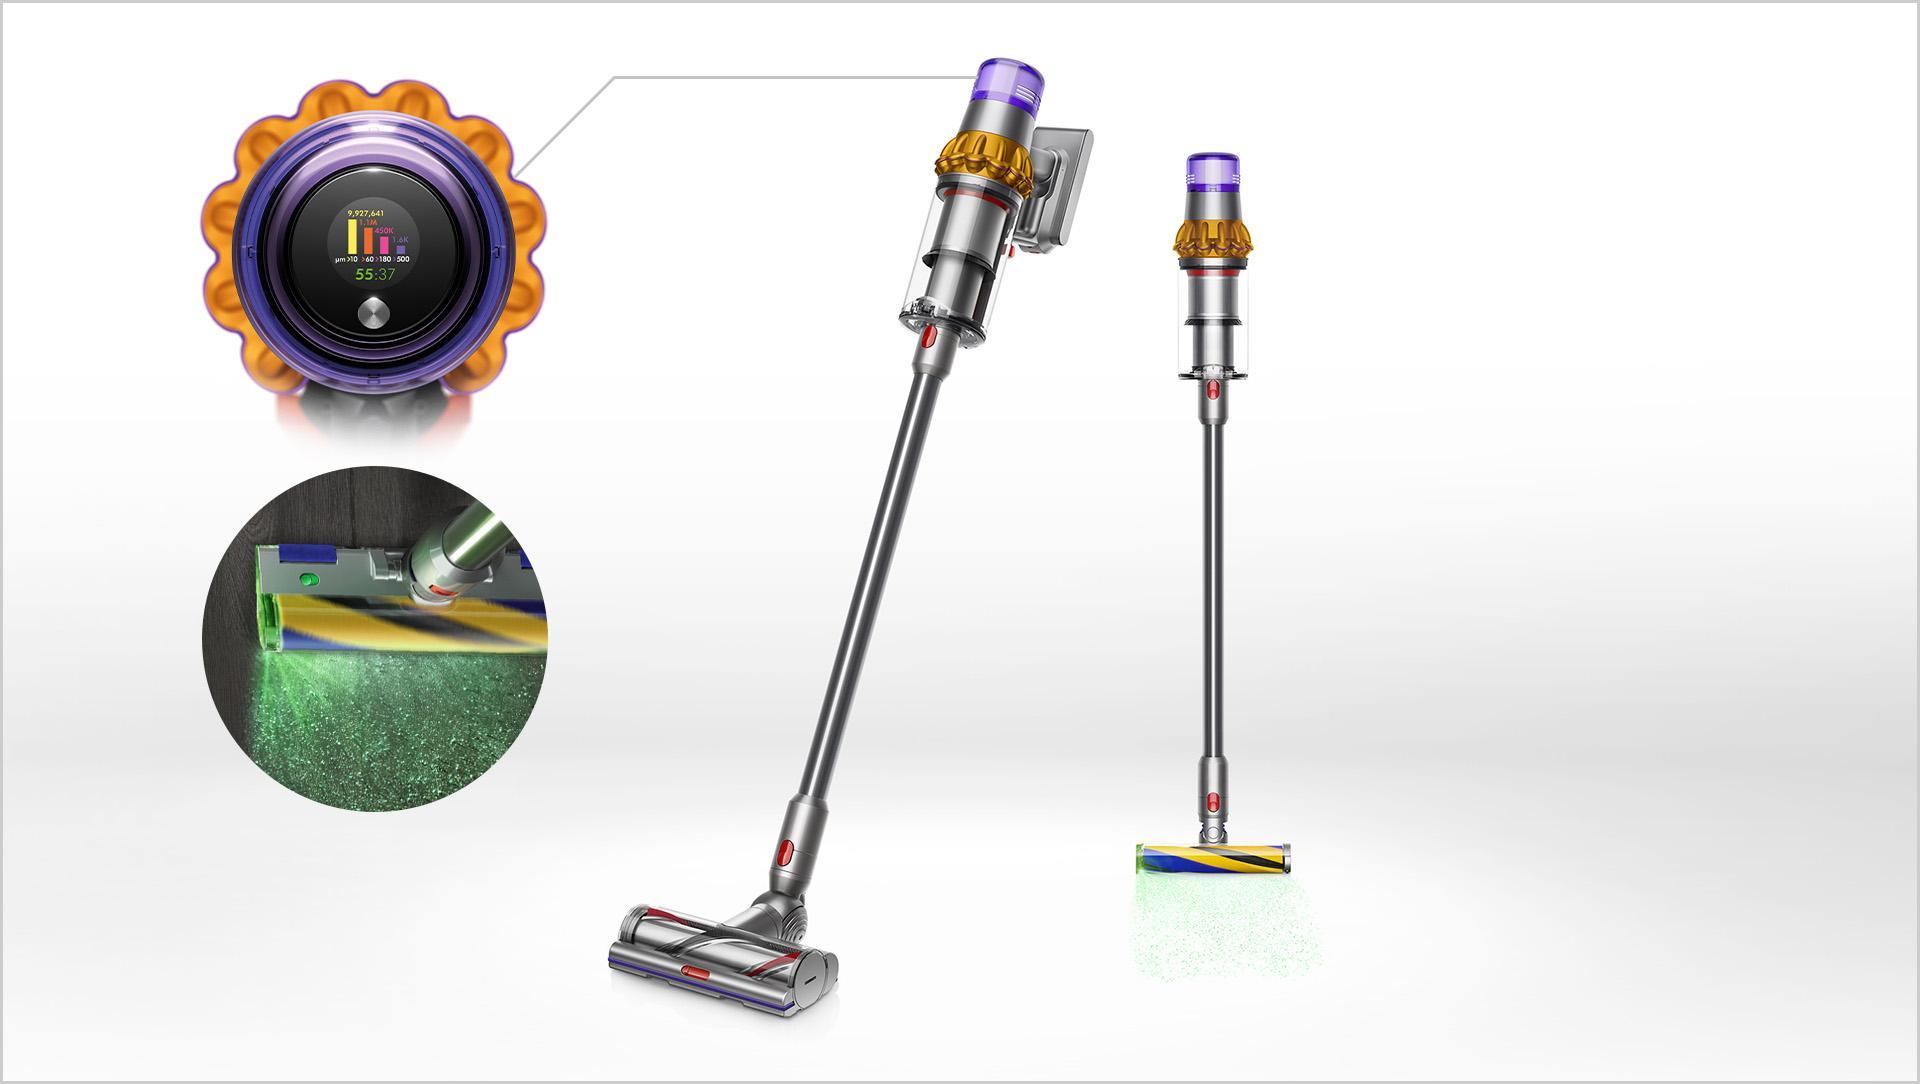 다이슨 V15 디텍트 무선 청소기